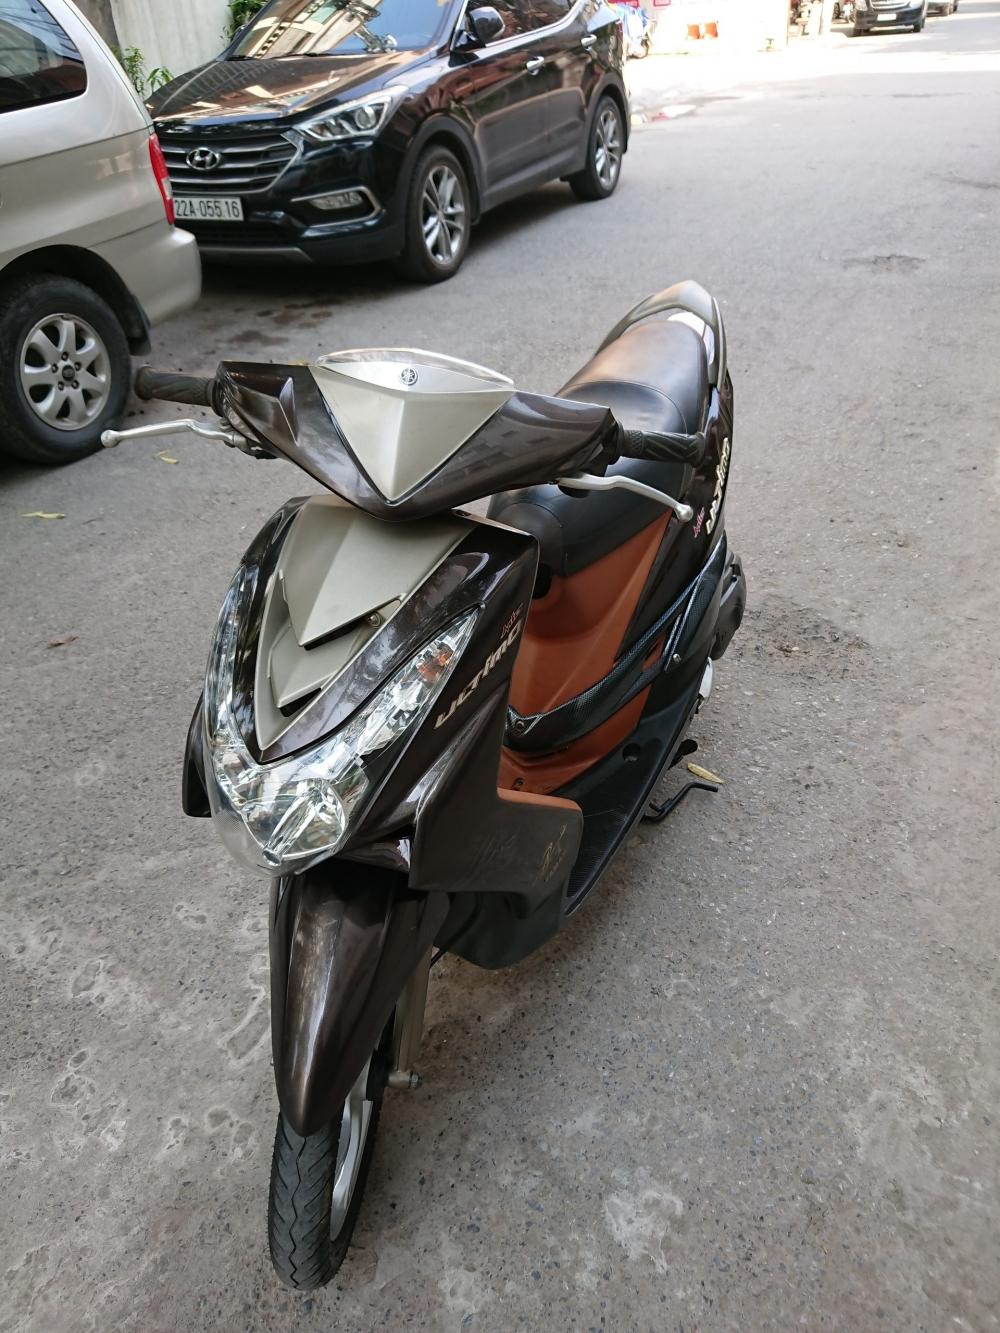 Rao ban Yamaha Mio Ultimo 2010 nau vang chinh chu nguyen ban 9tr - 4